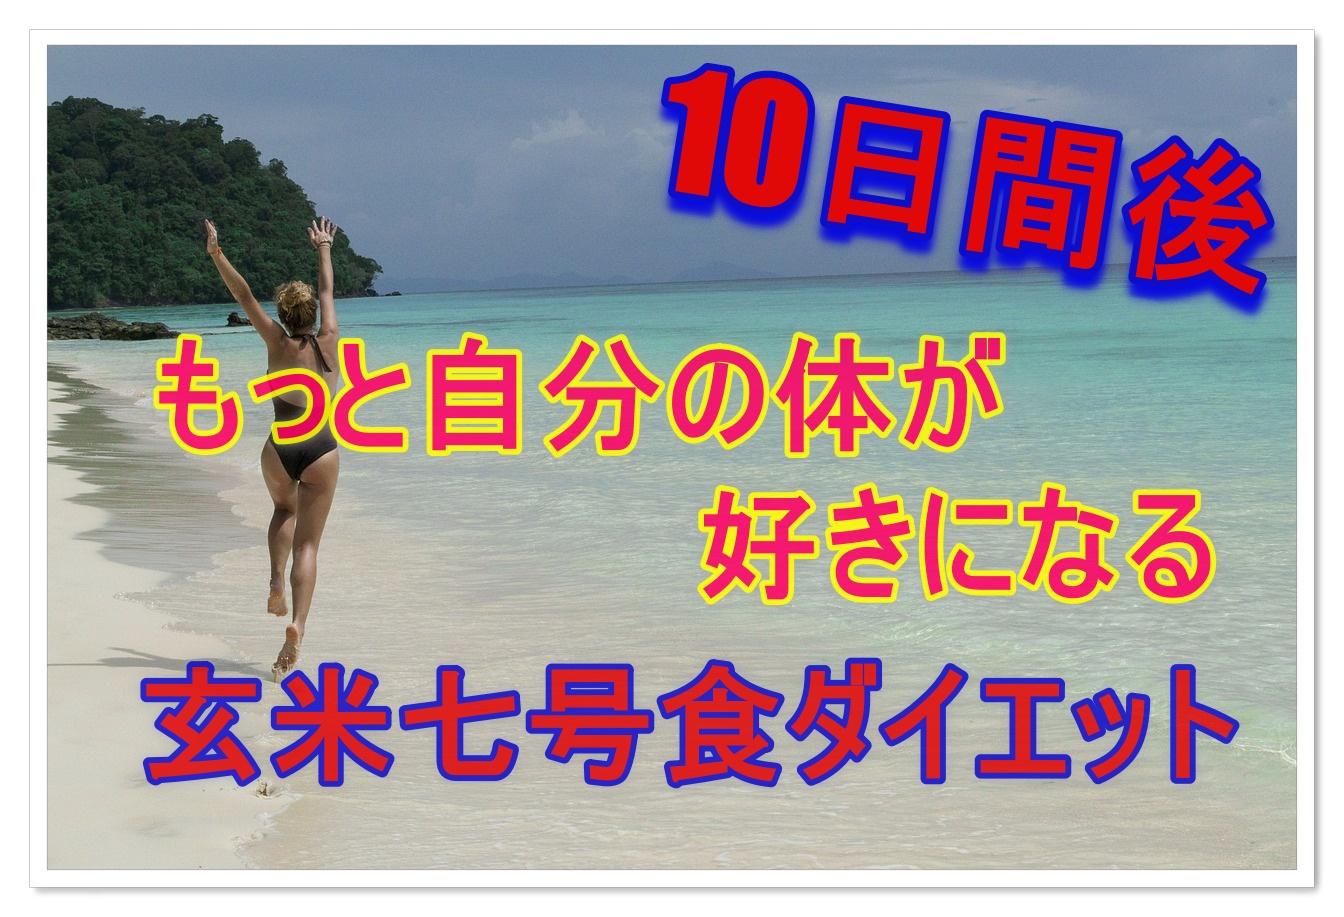 玄米のみを食べる七号食ダイエットで10日間後自分が変わる!